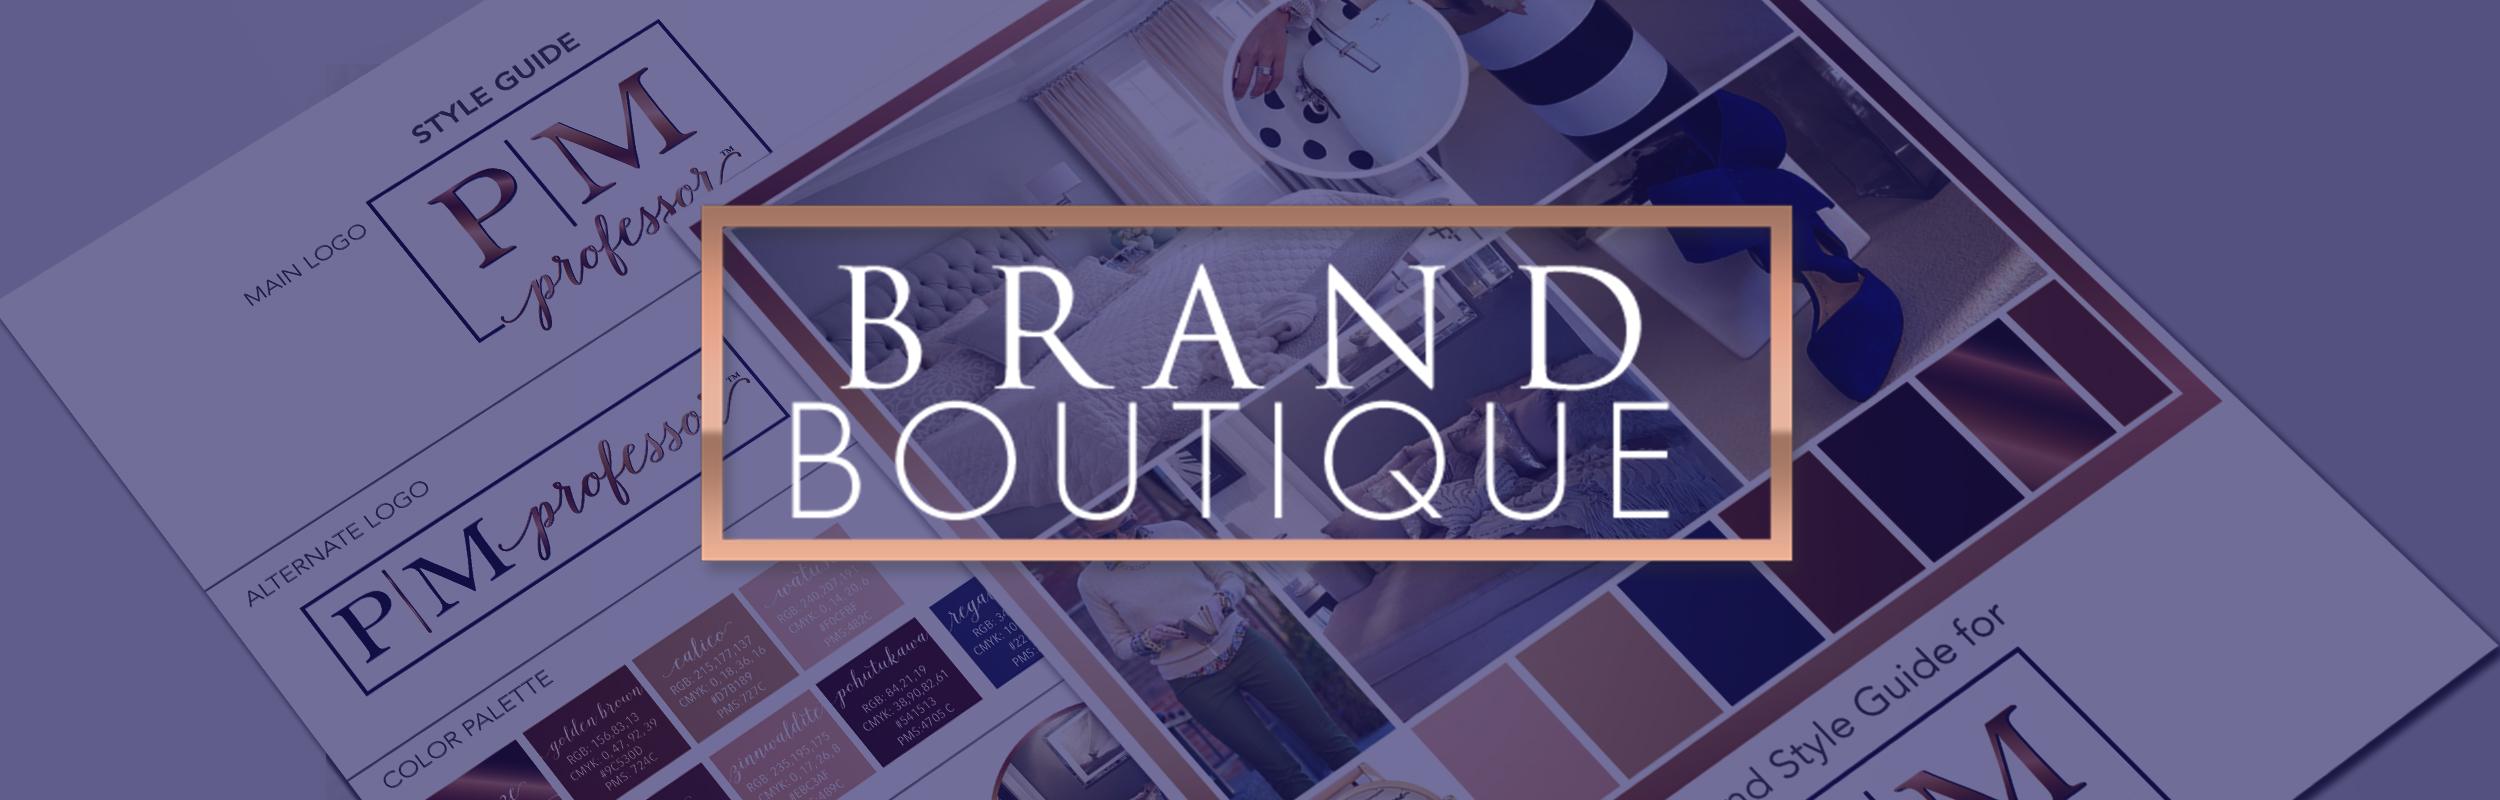 brand-boutique-header.jpg